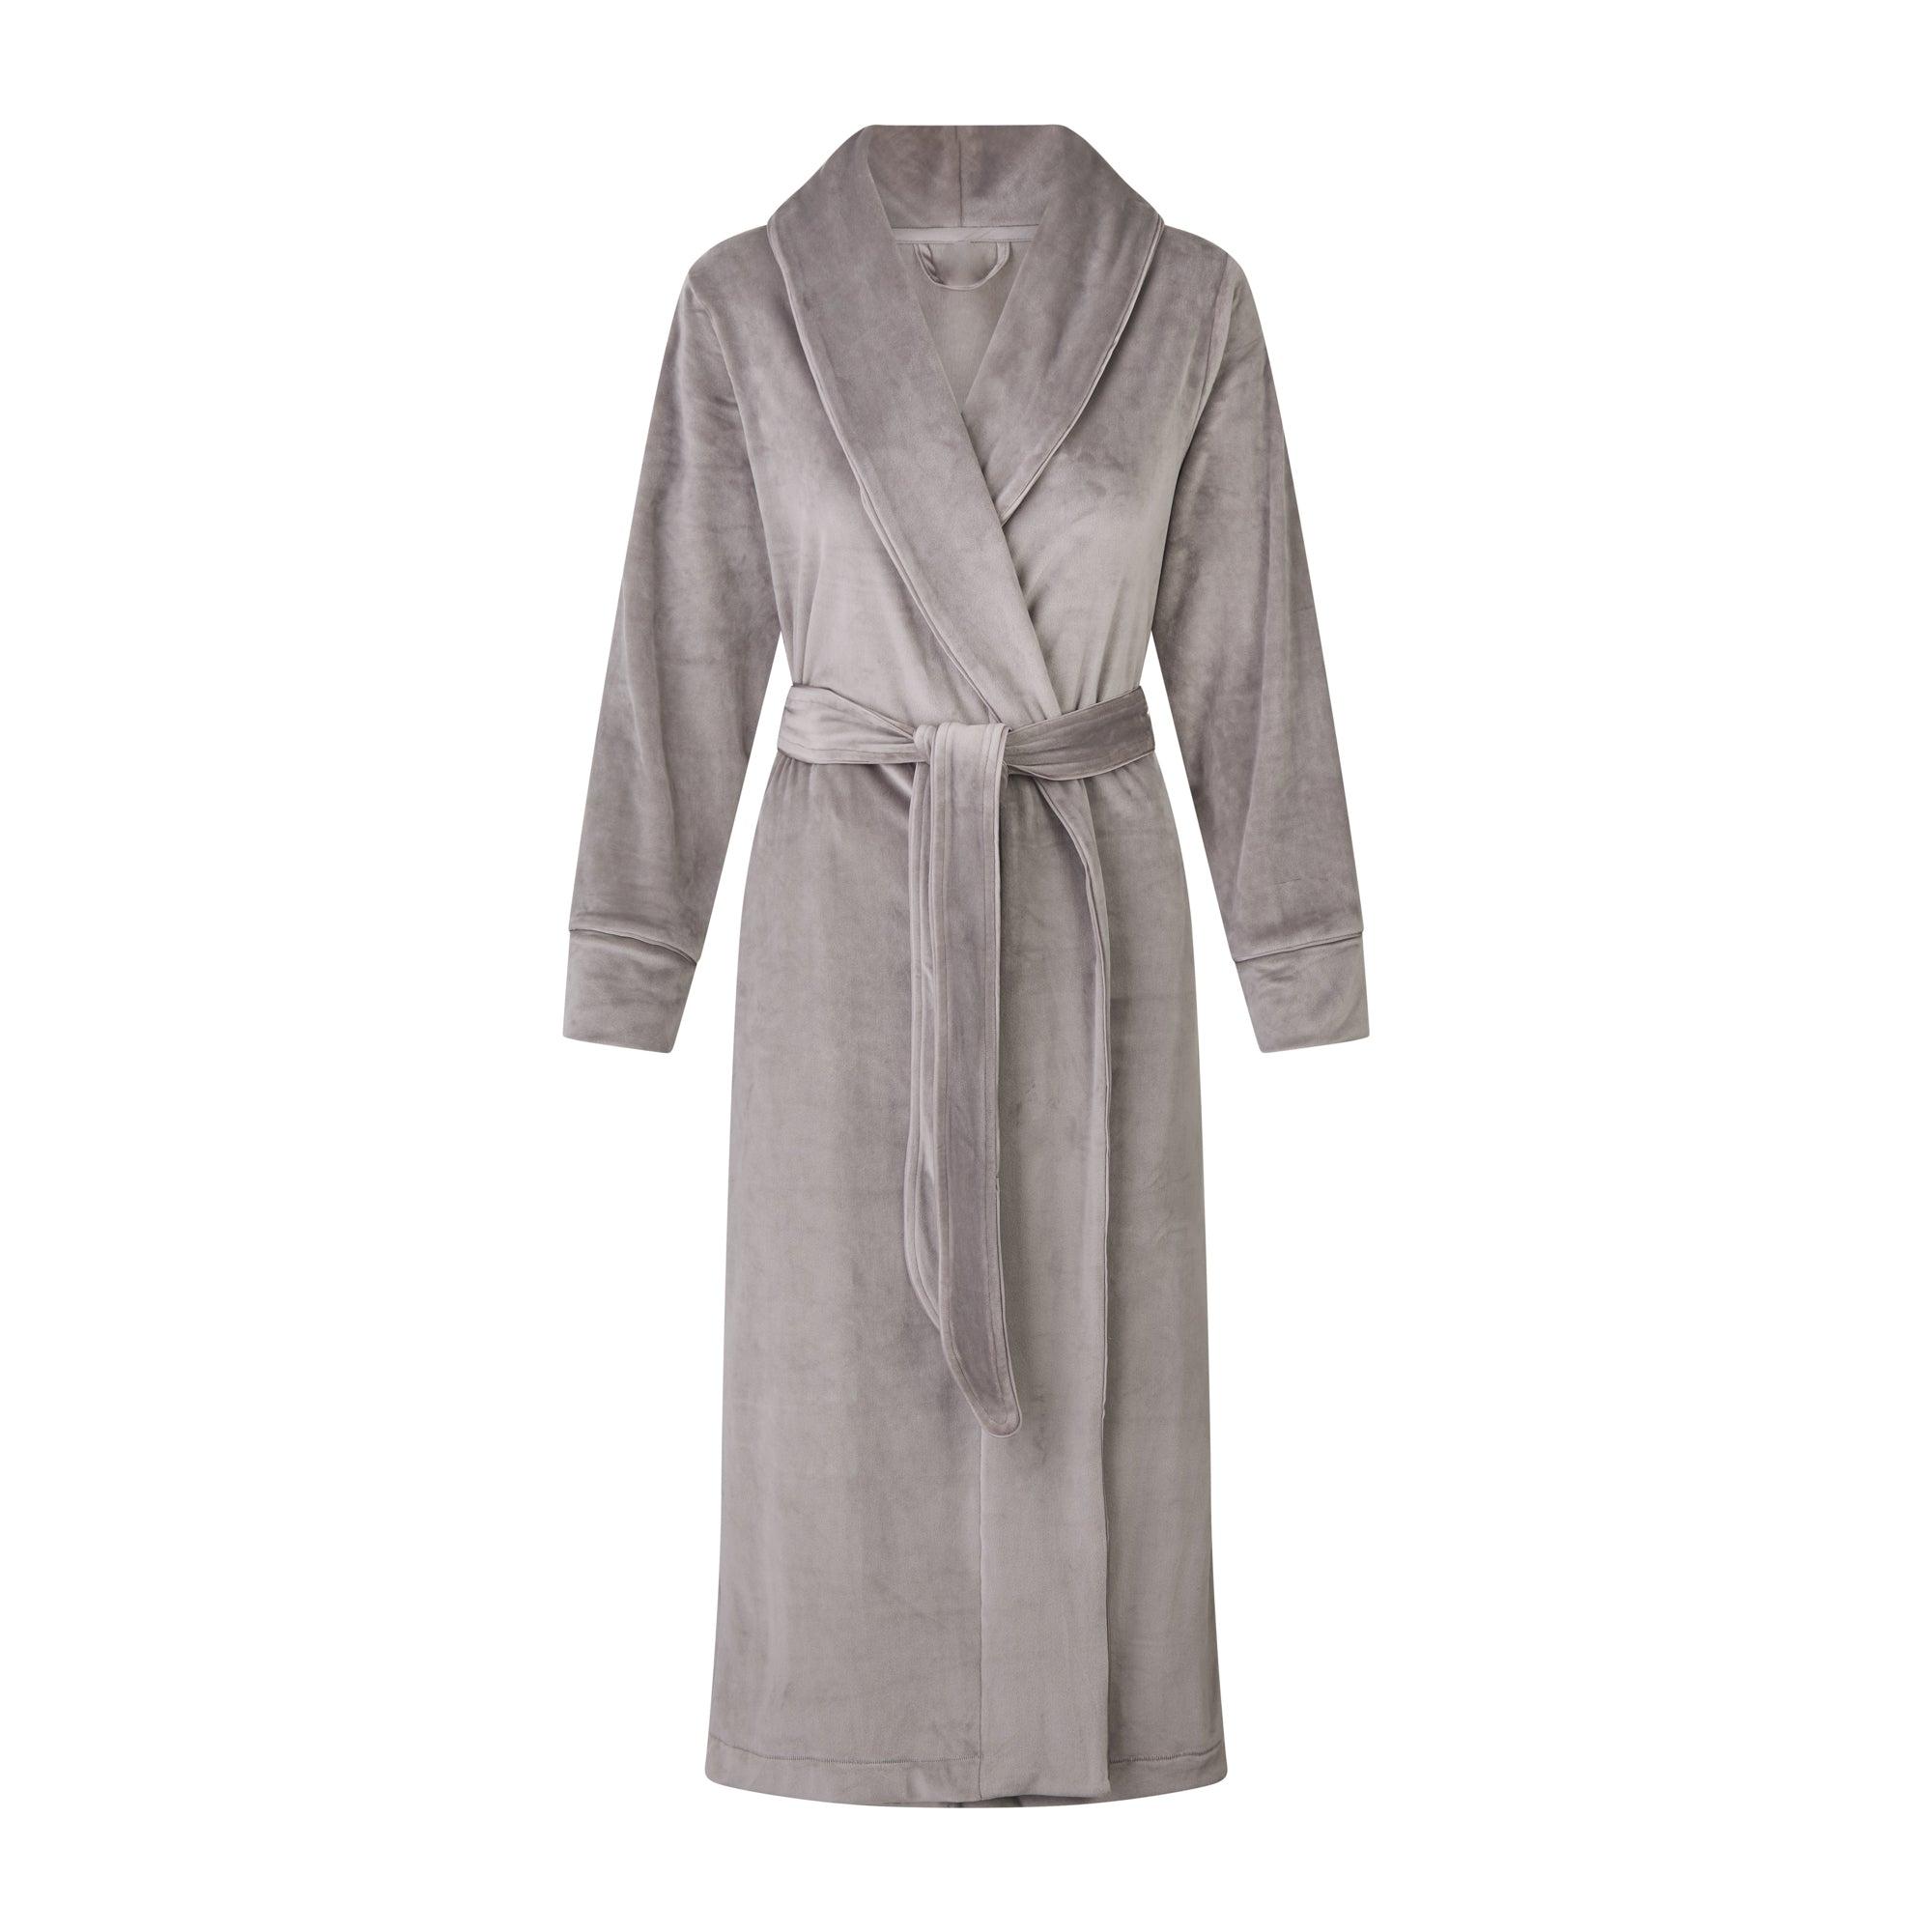 SKIMS Women's Velour Long Robe - Gray - Size S; Gray